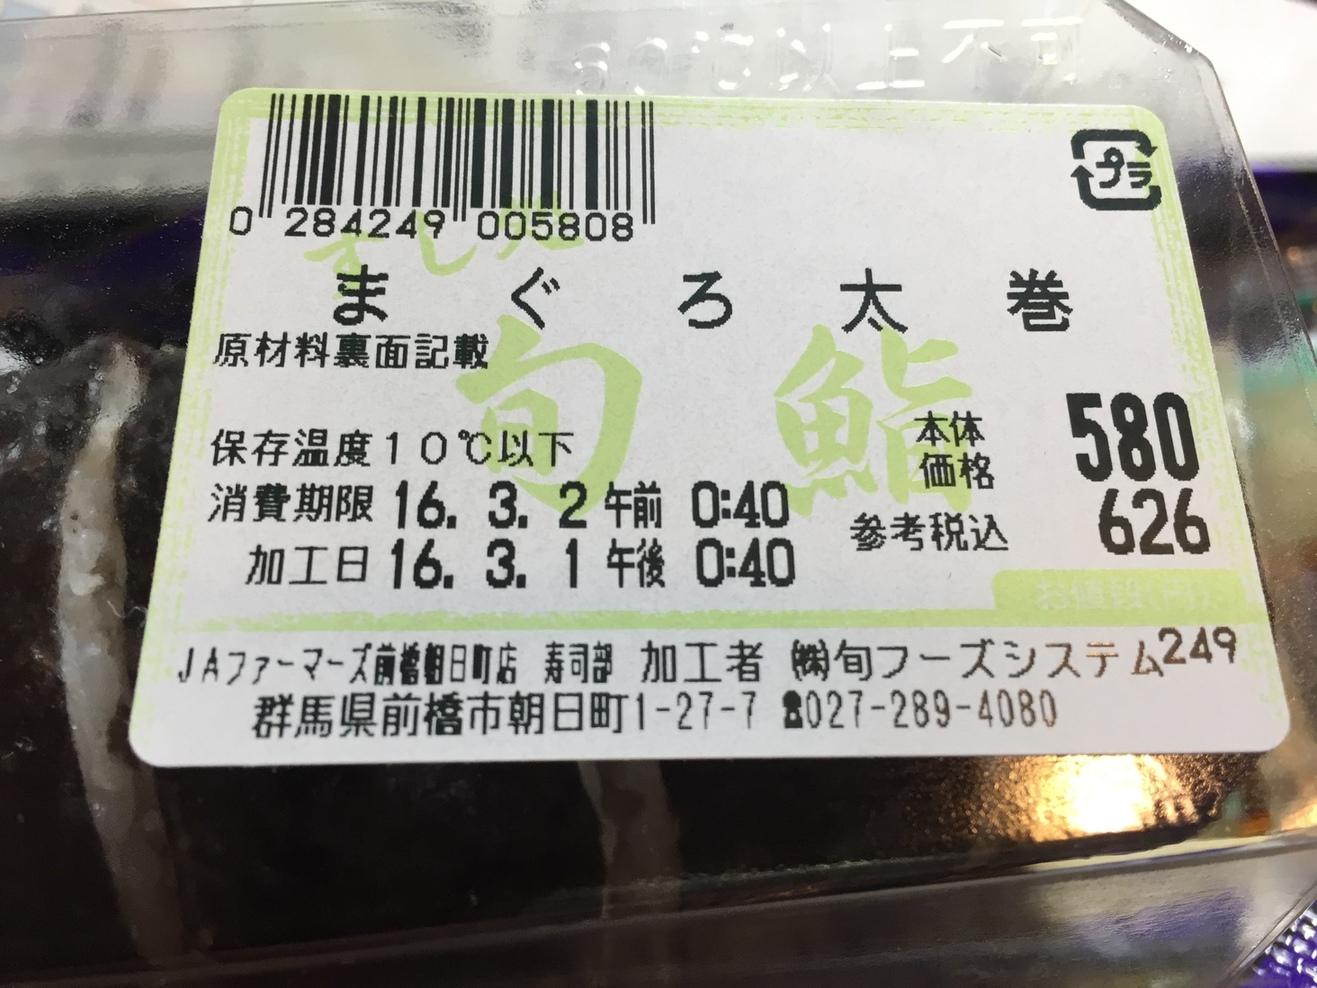 旬 JAファーマーズ前橋朝日町店